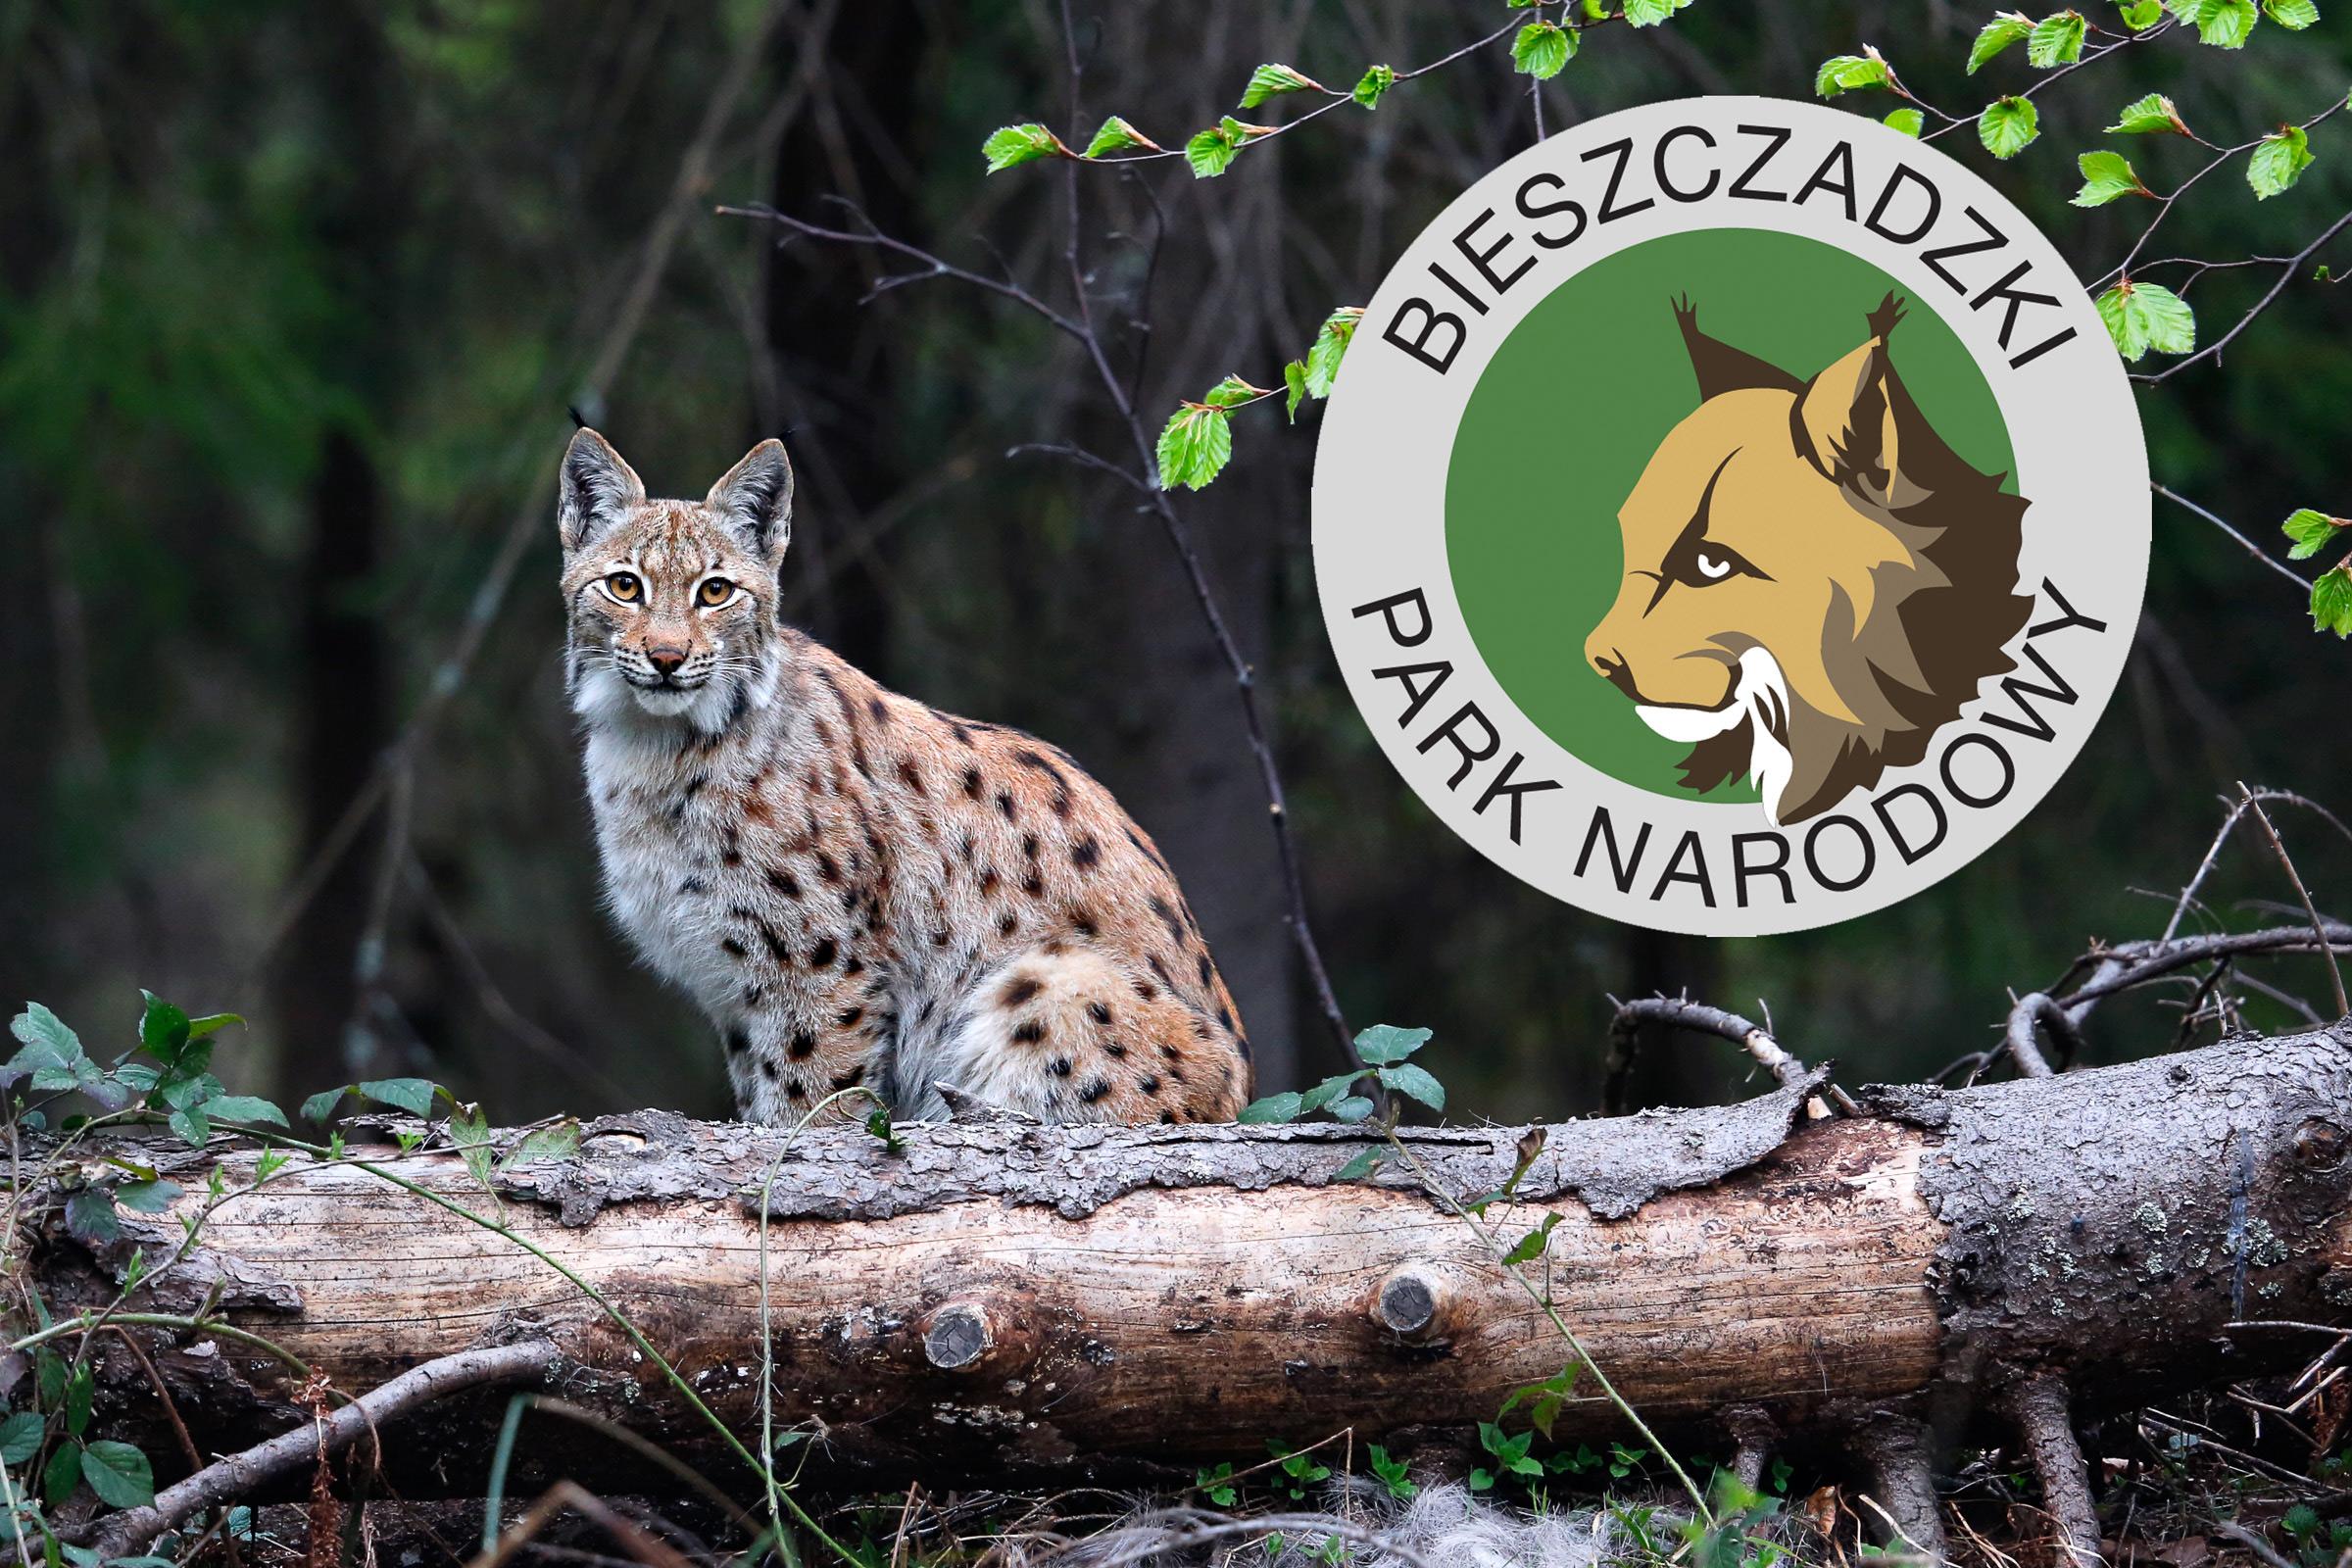 Bieszczadzki ryś stał się inspiracją dla logo Bieszczadzkiego Parku Narodowego. fot. Grzegorz Leśniewski